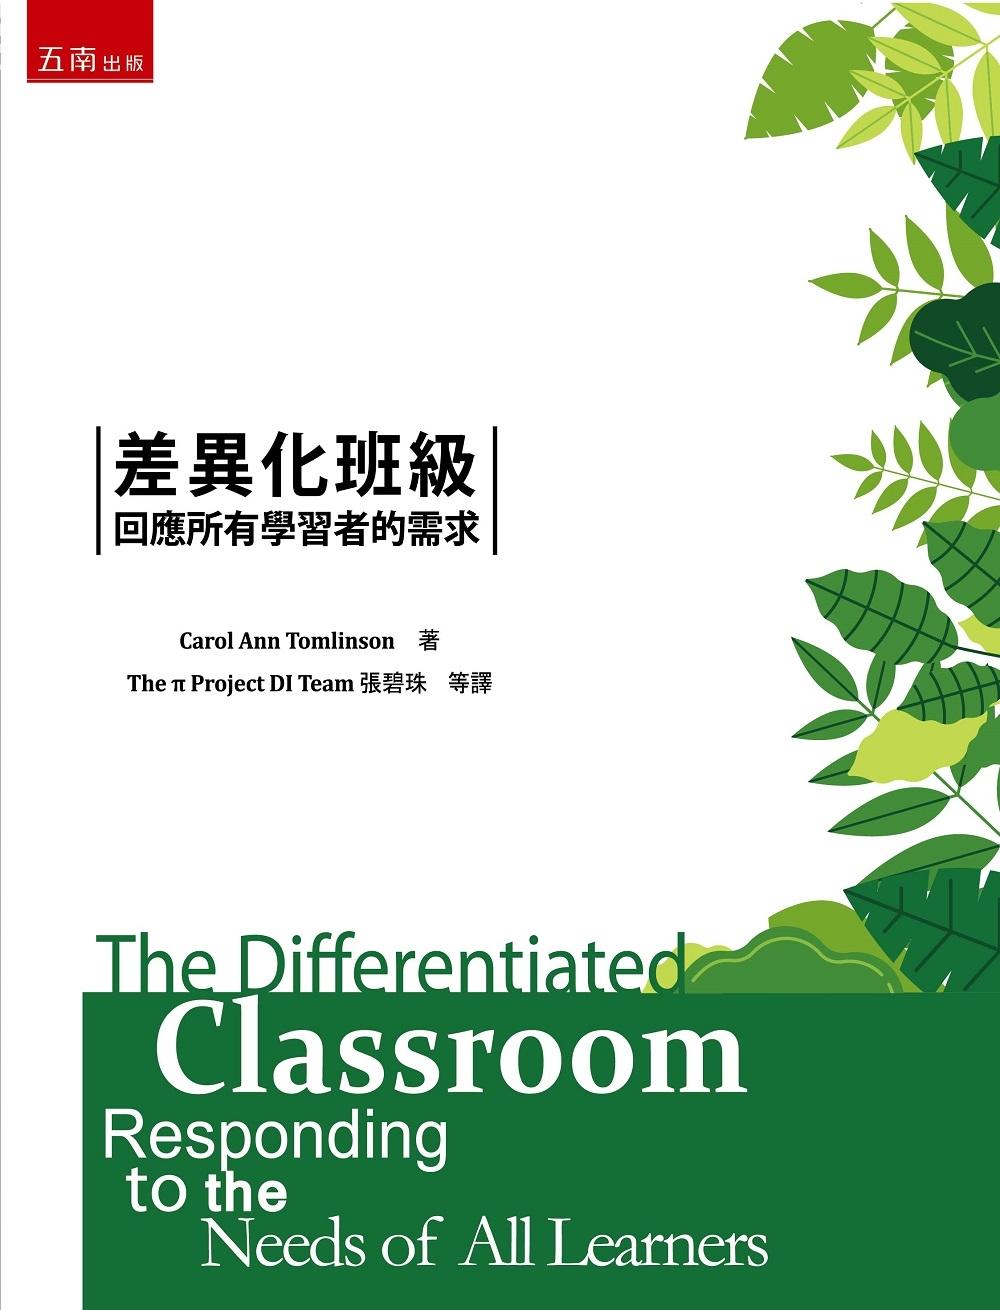 《差異化班級:回應所有學習者的需求》 商品條碼,ISBN:9789571195759